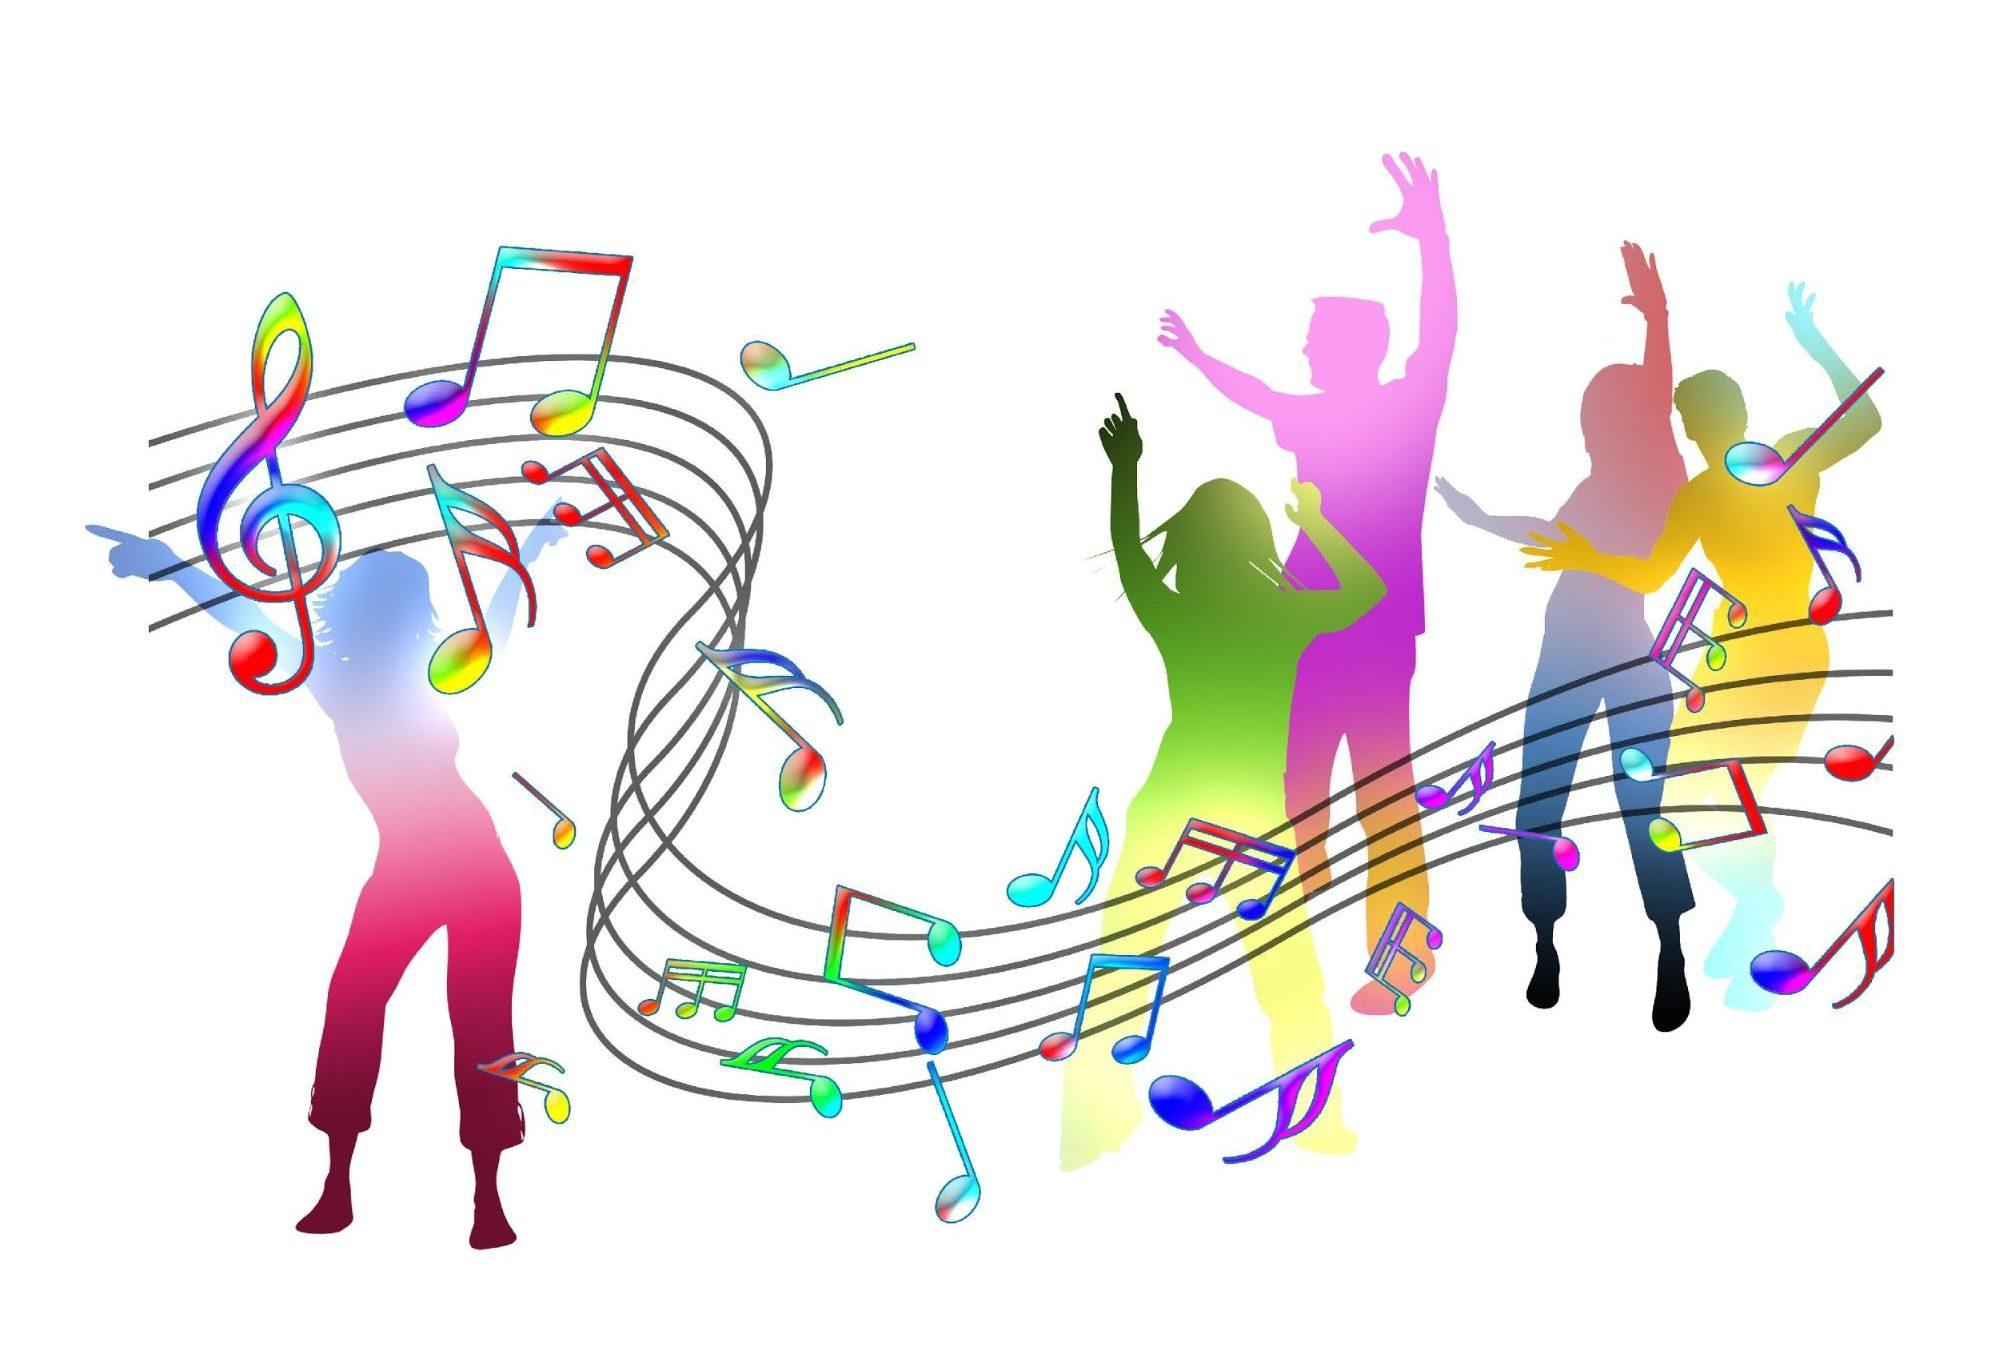 忘年会・新年会で全世代絶対盛り上がる!カラオケ定番曲おすすめランキング 2020年11月